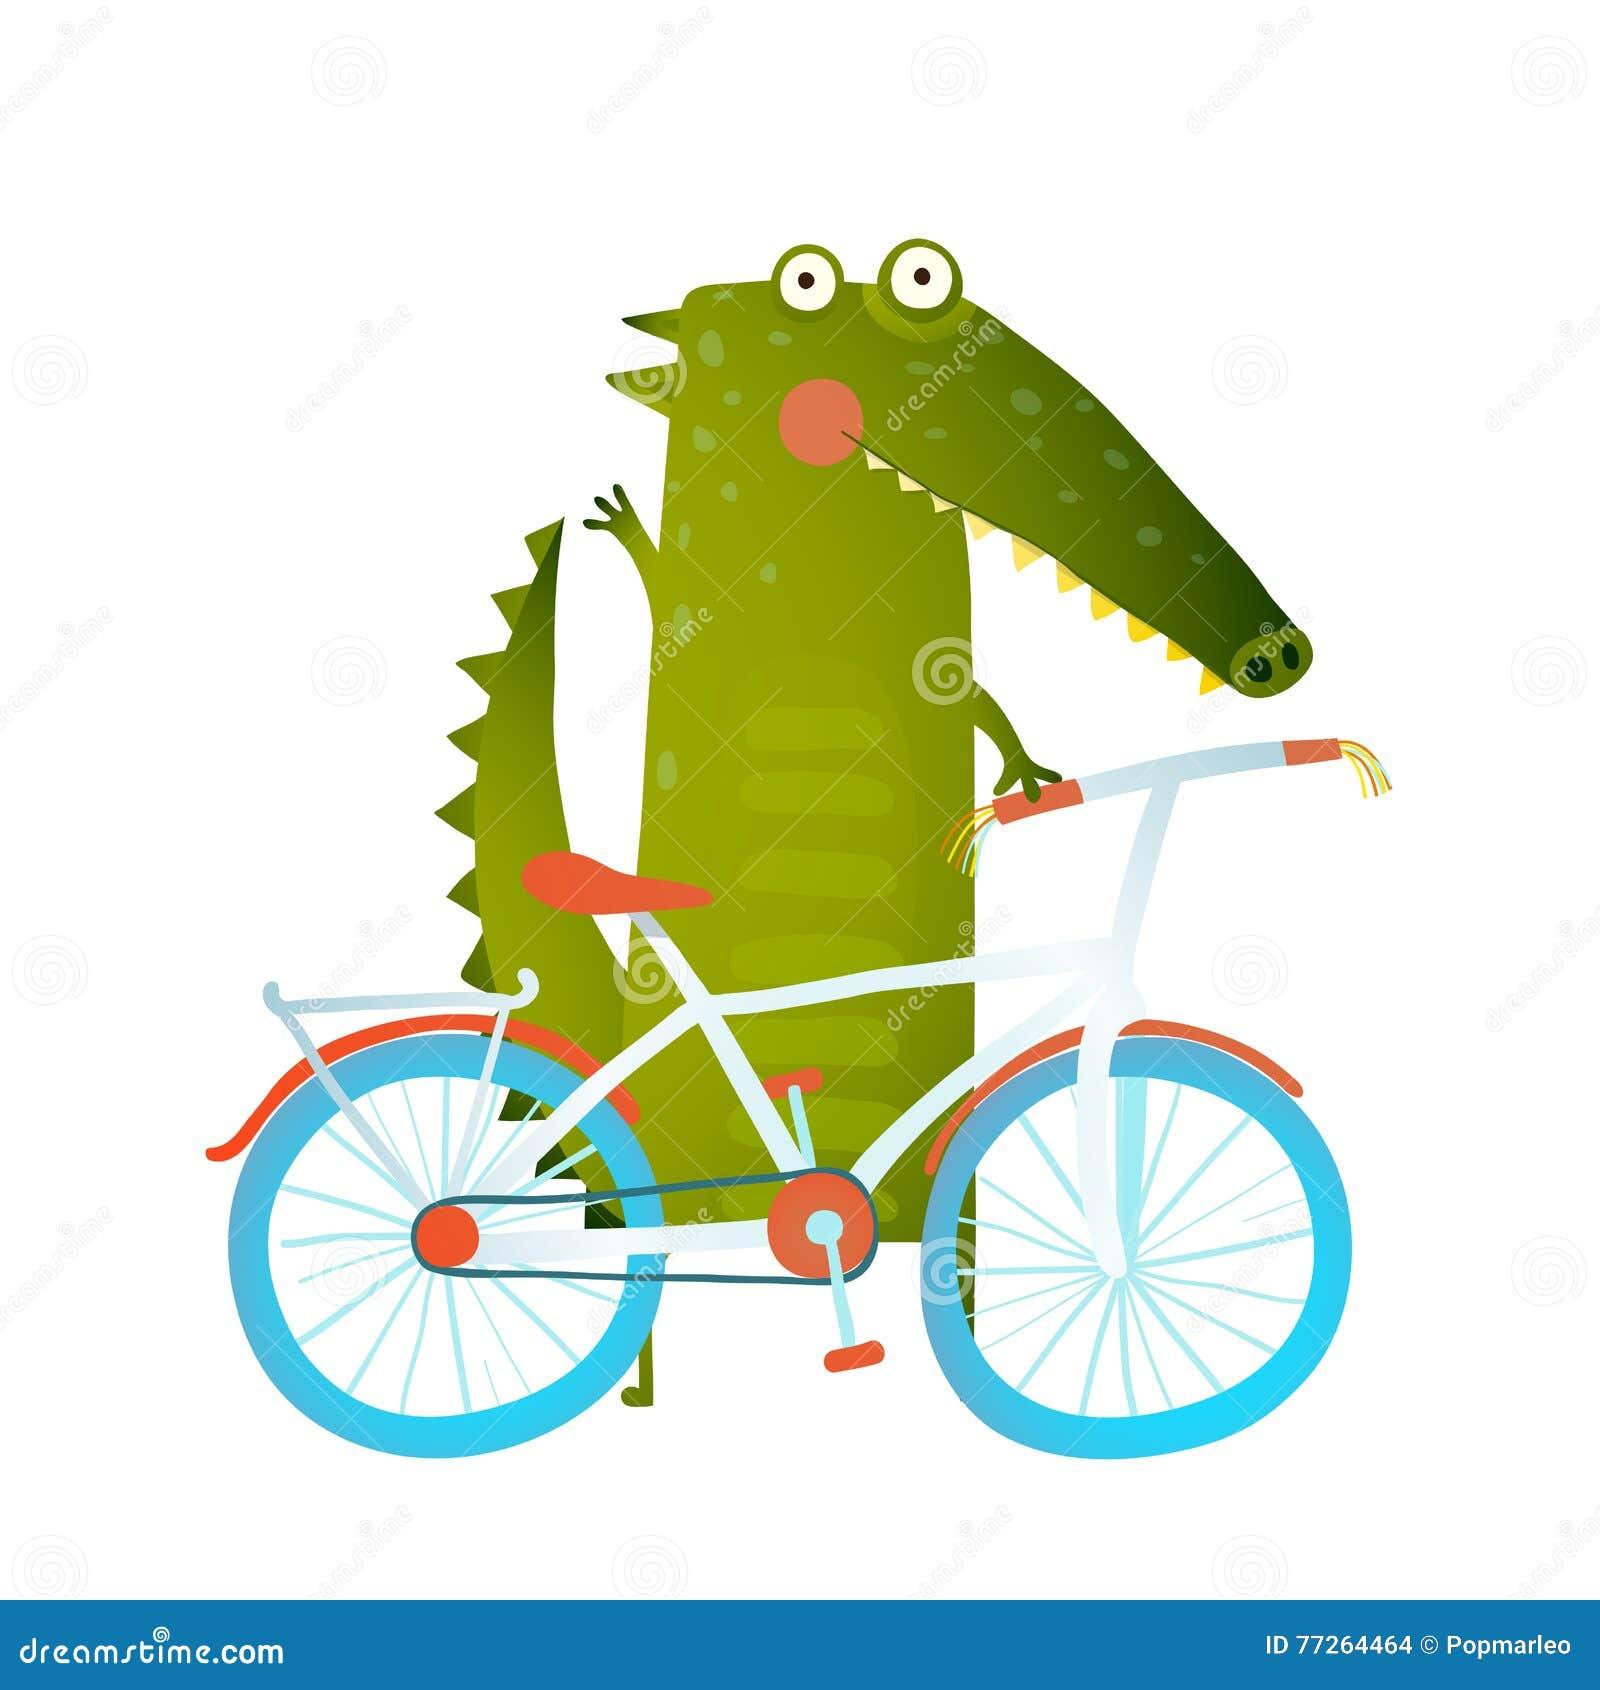 Coccodrillo divertente verde del fumetto con la bicicletta